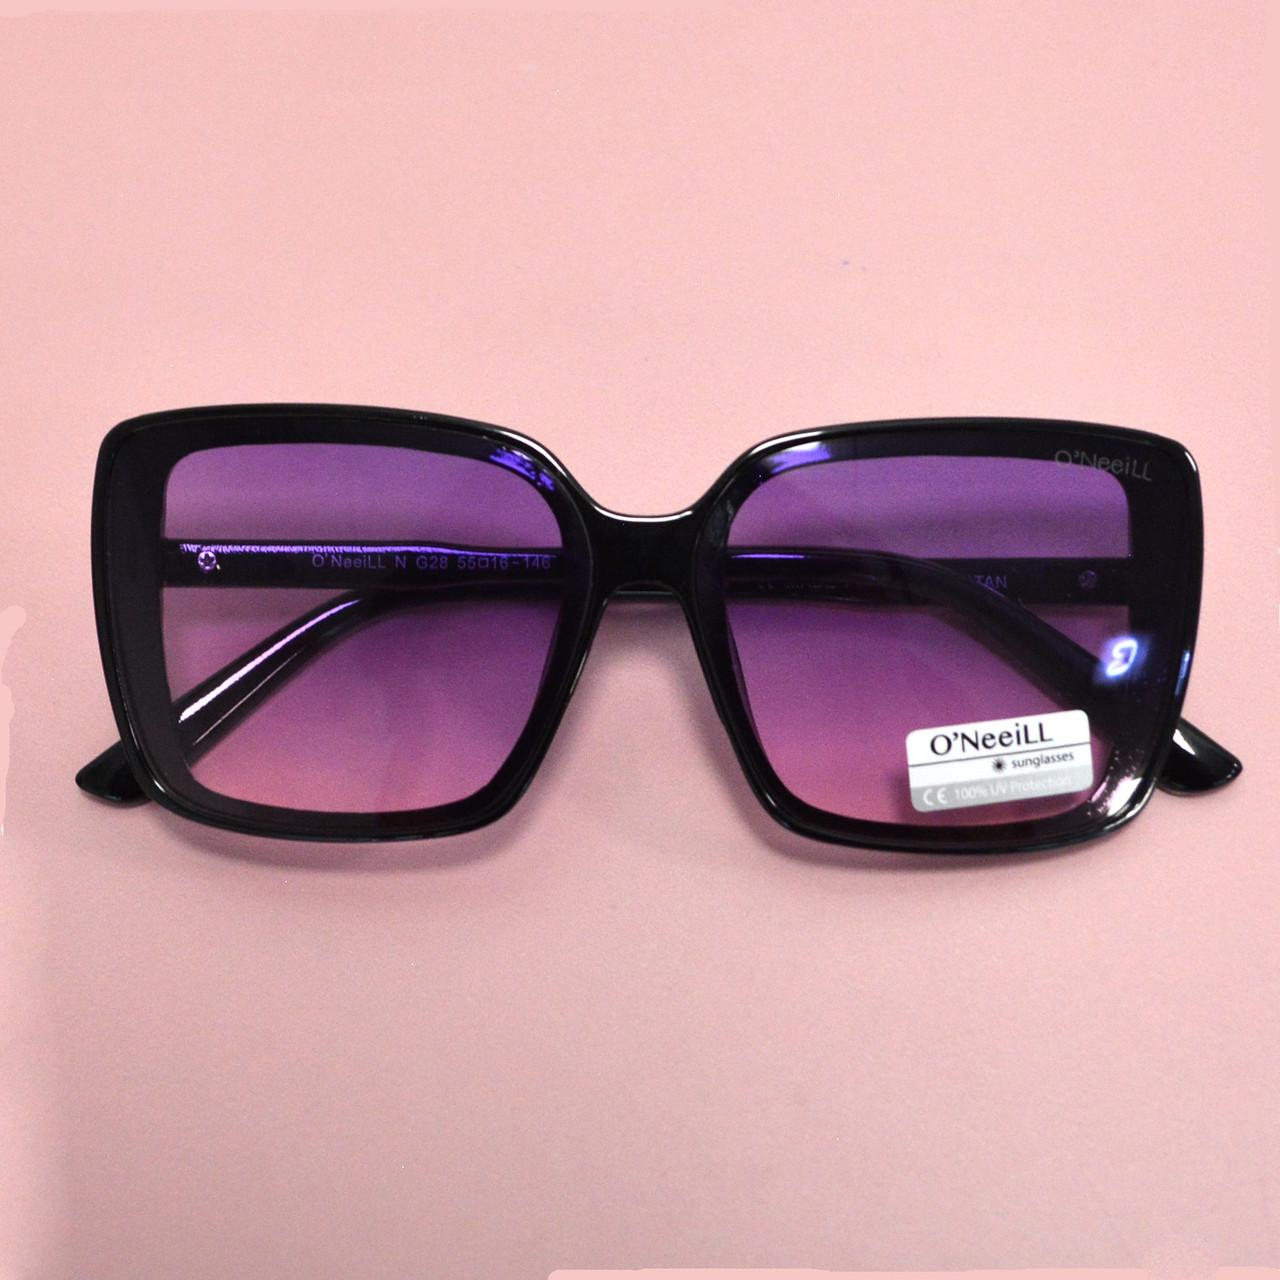 Солнцезащитные очки с фиолетовыми стеклами с узором на дужке UV 400 O'NeeiLL N G 28 черные - фото 9